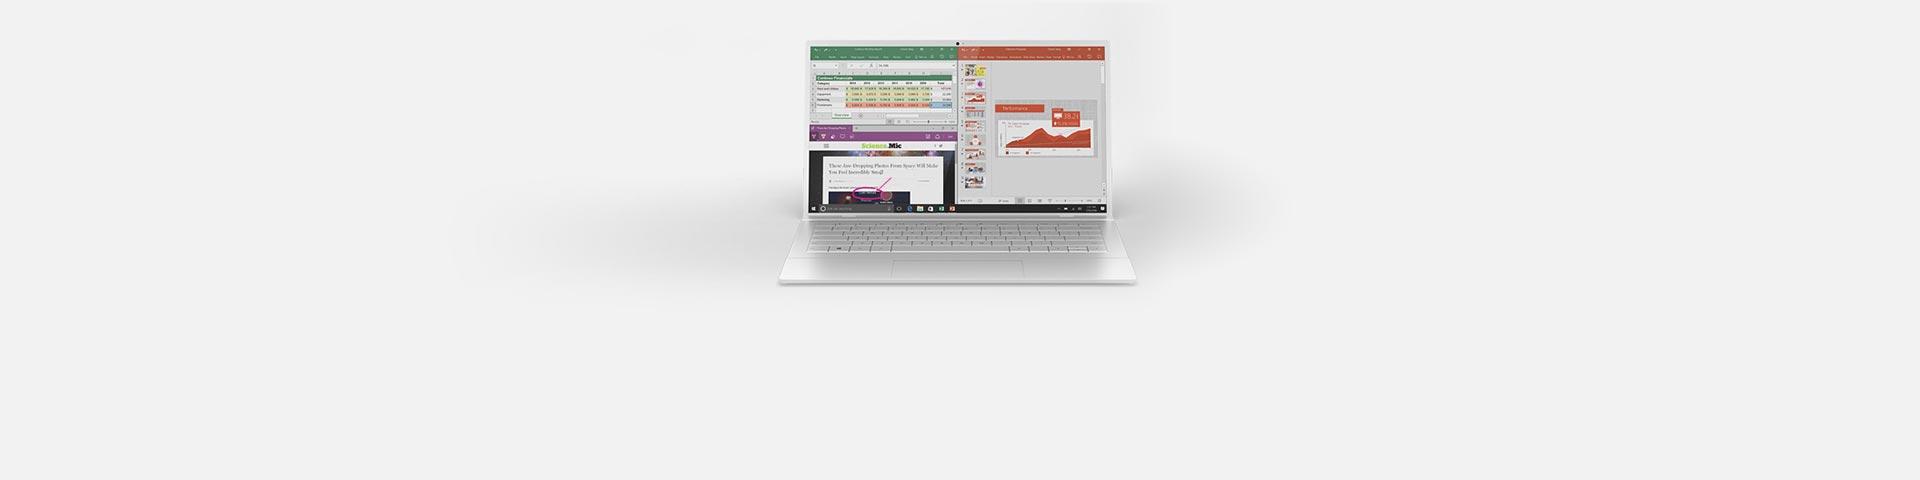 Laptop mit Office Apps auf dem Bildschirm